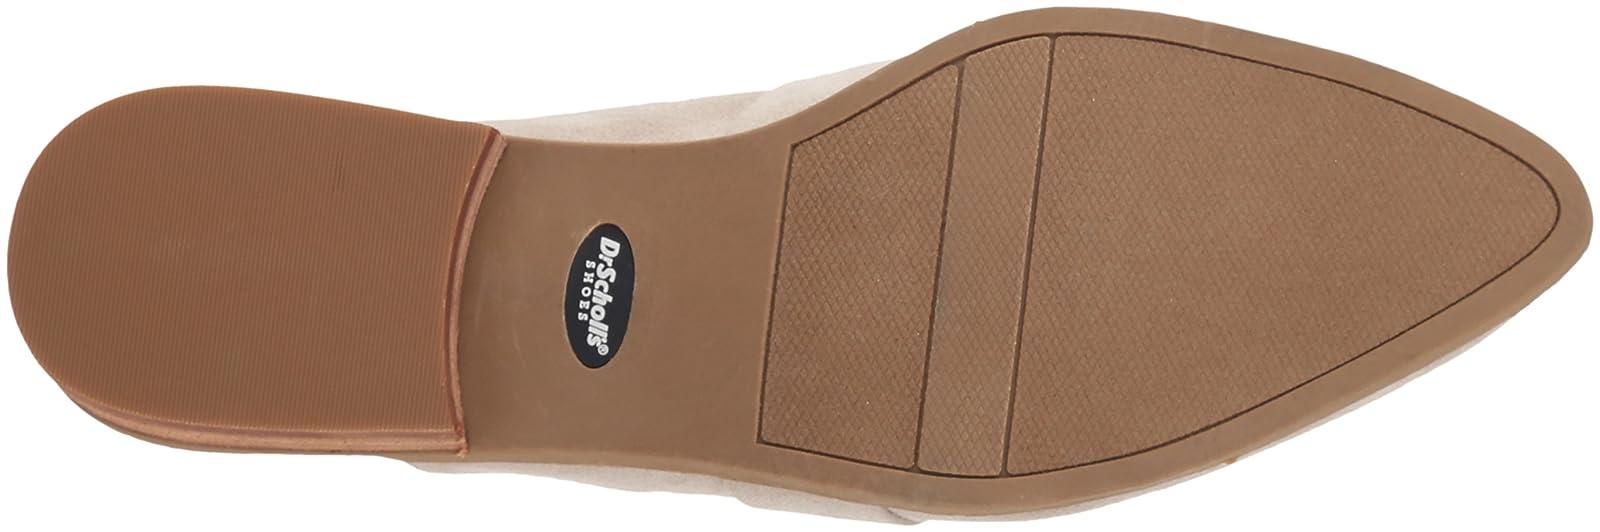 Dr. Scholl's Shoes Women's Exact Chop Mule F6419F1 - 3